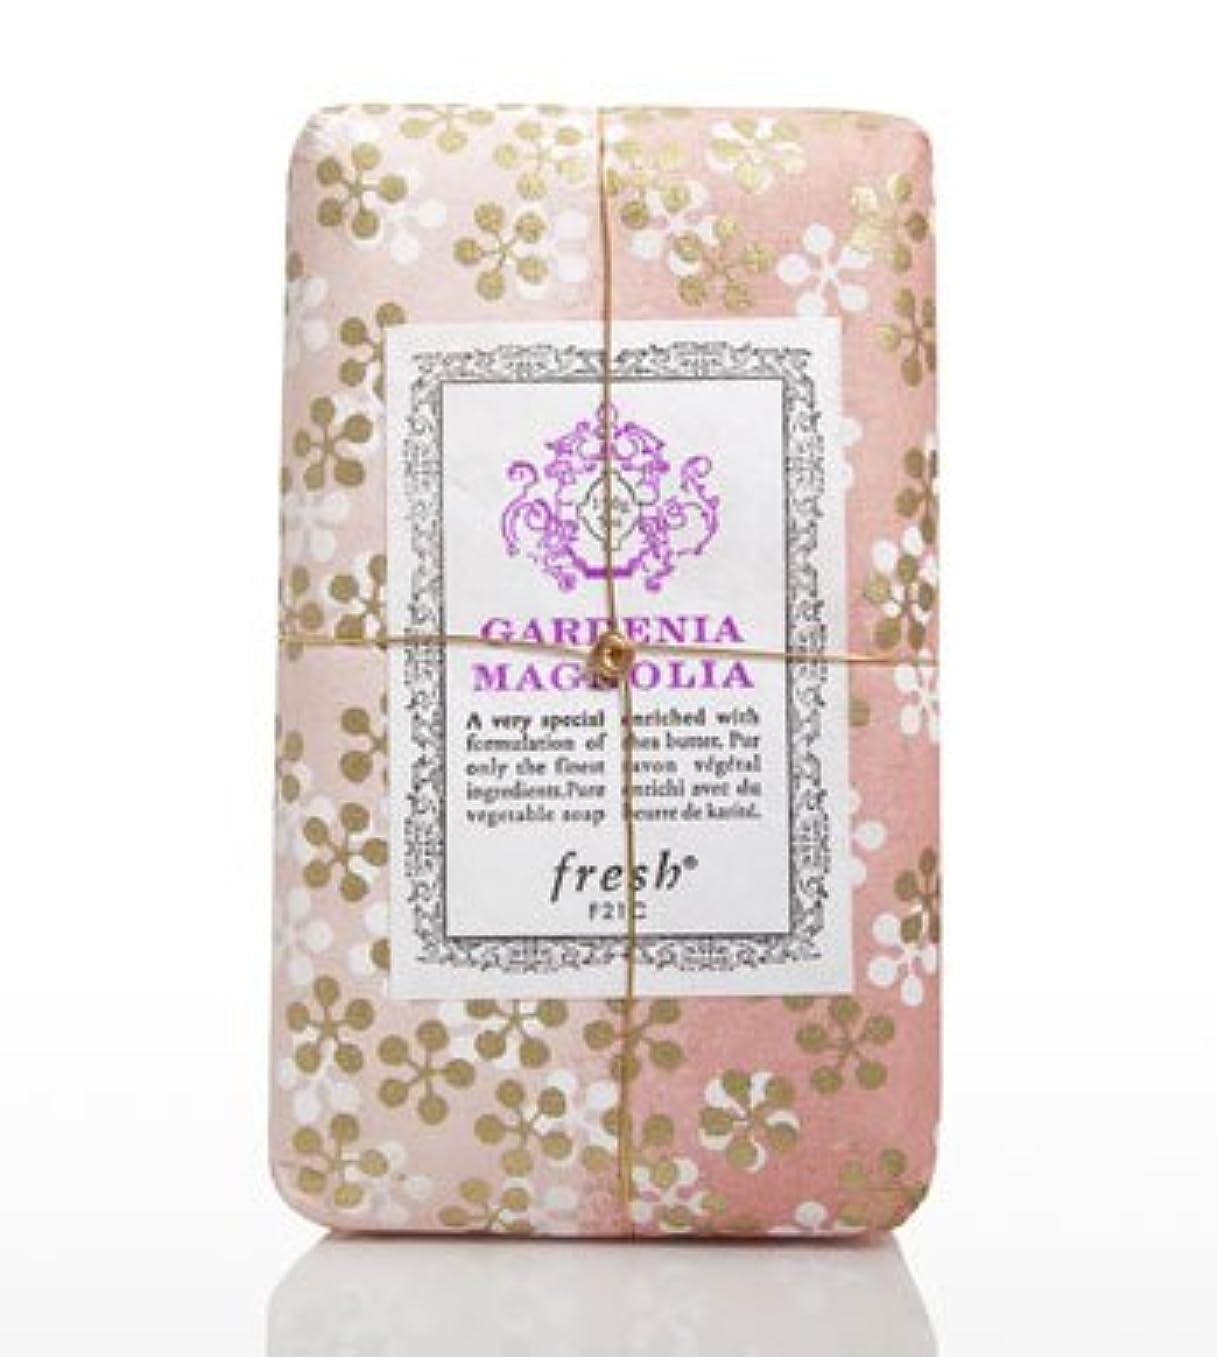 免疫入射拡大するFresh GARDENIA MAGNOLIA SOAP(フレッシュ ガーデナマグノリア ソープ) 5.0 oz (150gl) 石鹸 by Fresh